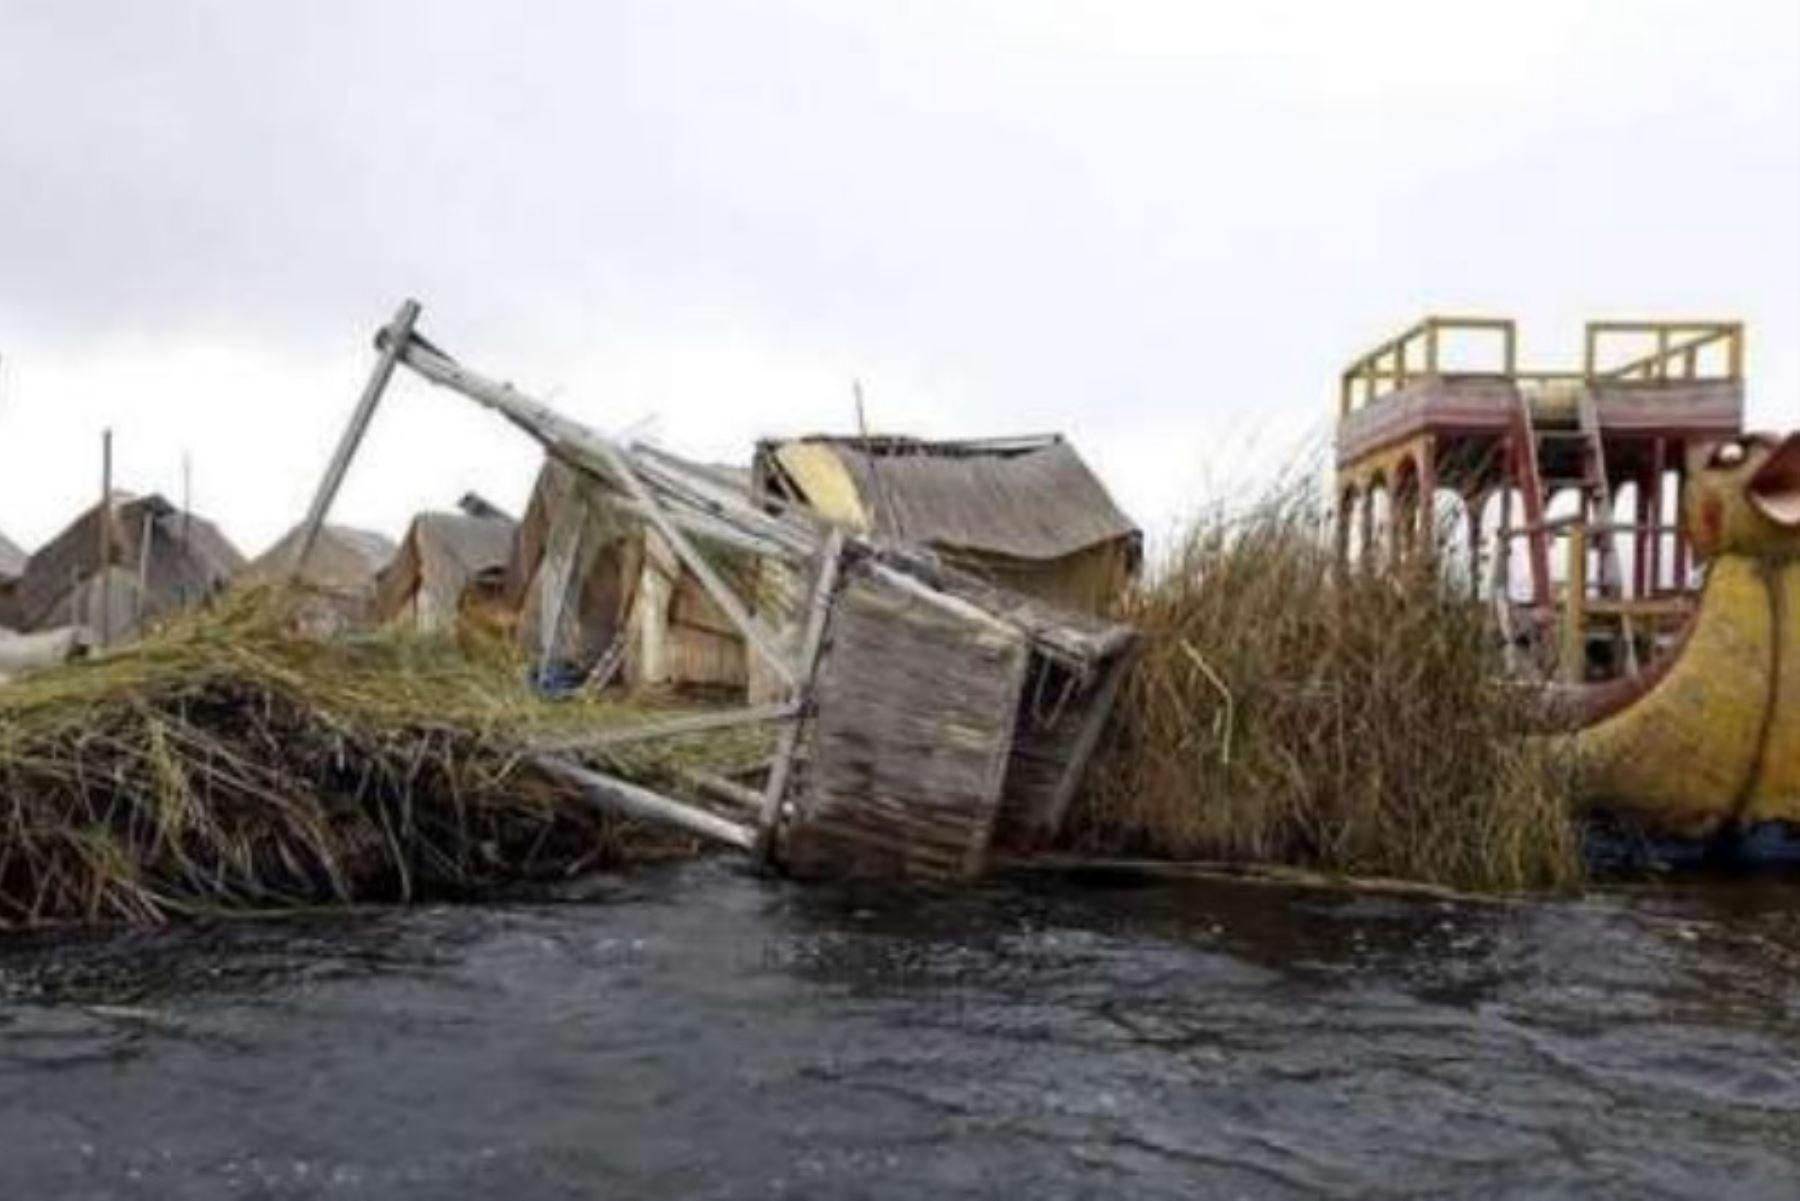 Los municipios de Los Uros Chulluni y de Puno, ubicados en la región Puno, reconstruirán las cuatro viviendas hospedaje y las 80 viviendas rústicas que resultaron afectadas luego que se presentaran vientos fuertes en dicha localidad.